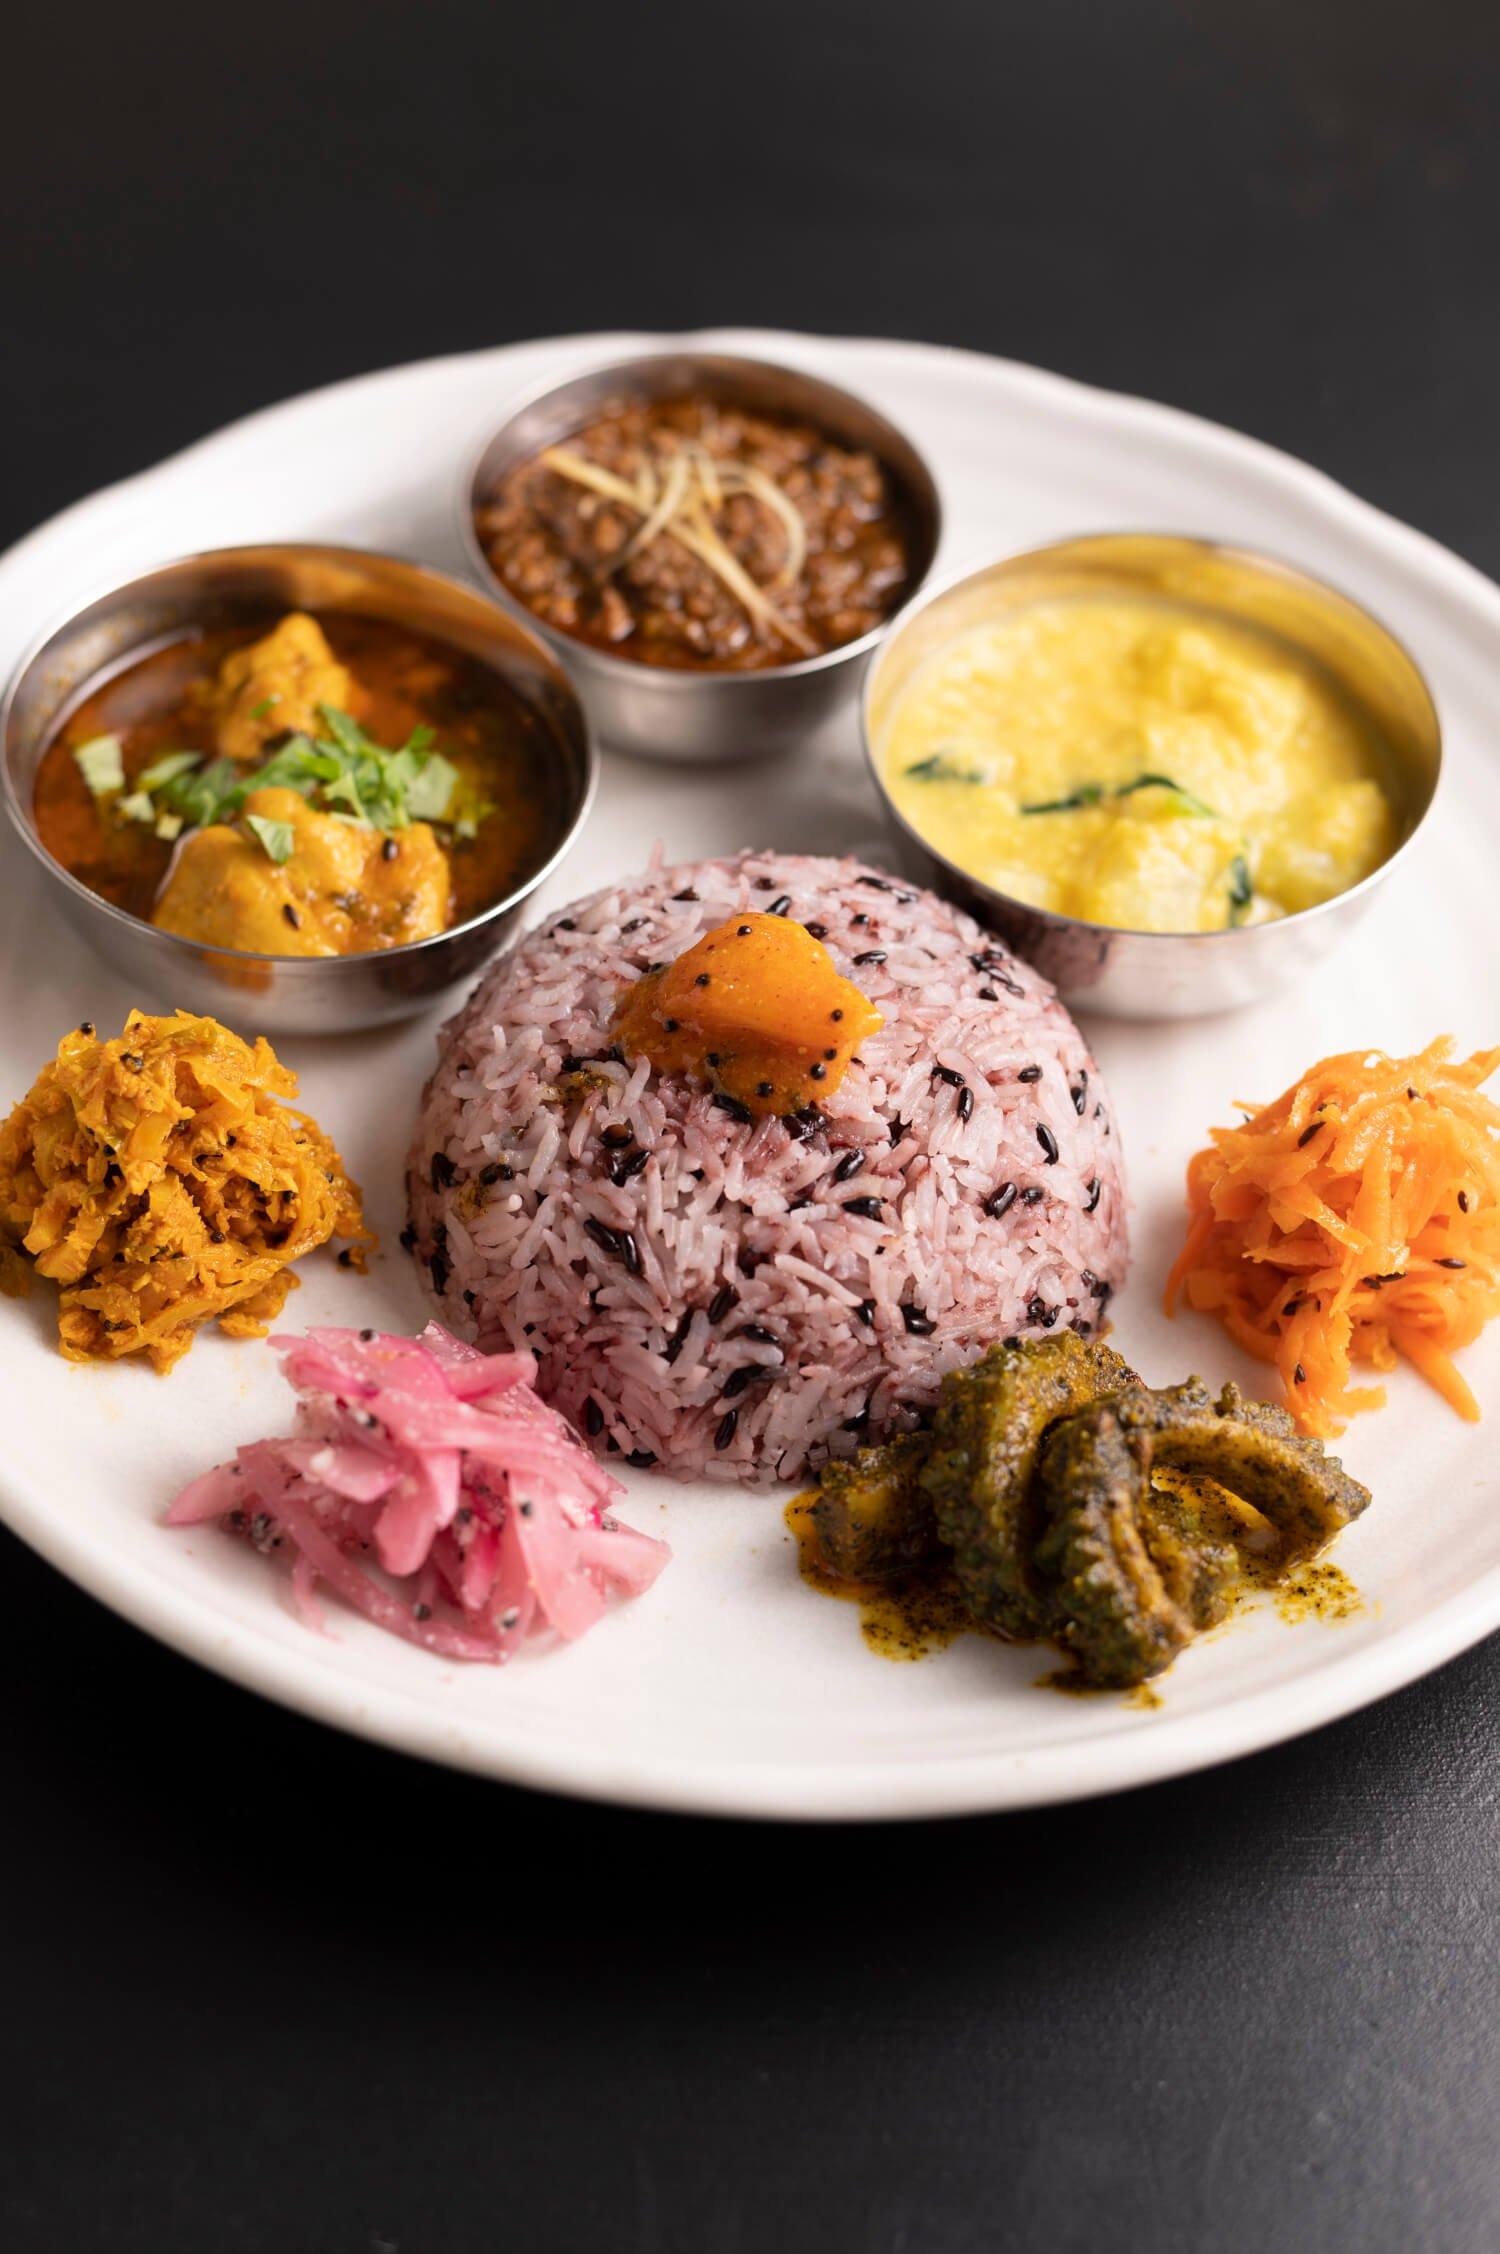 カレー3種1390円。小皿に分けて入れたカレーは、右からクートゥ、マトンキーマ、レモンチキンカレー。付け合せ野菜もスパイスが効いて、一つひとつ手が込んでいる。